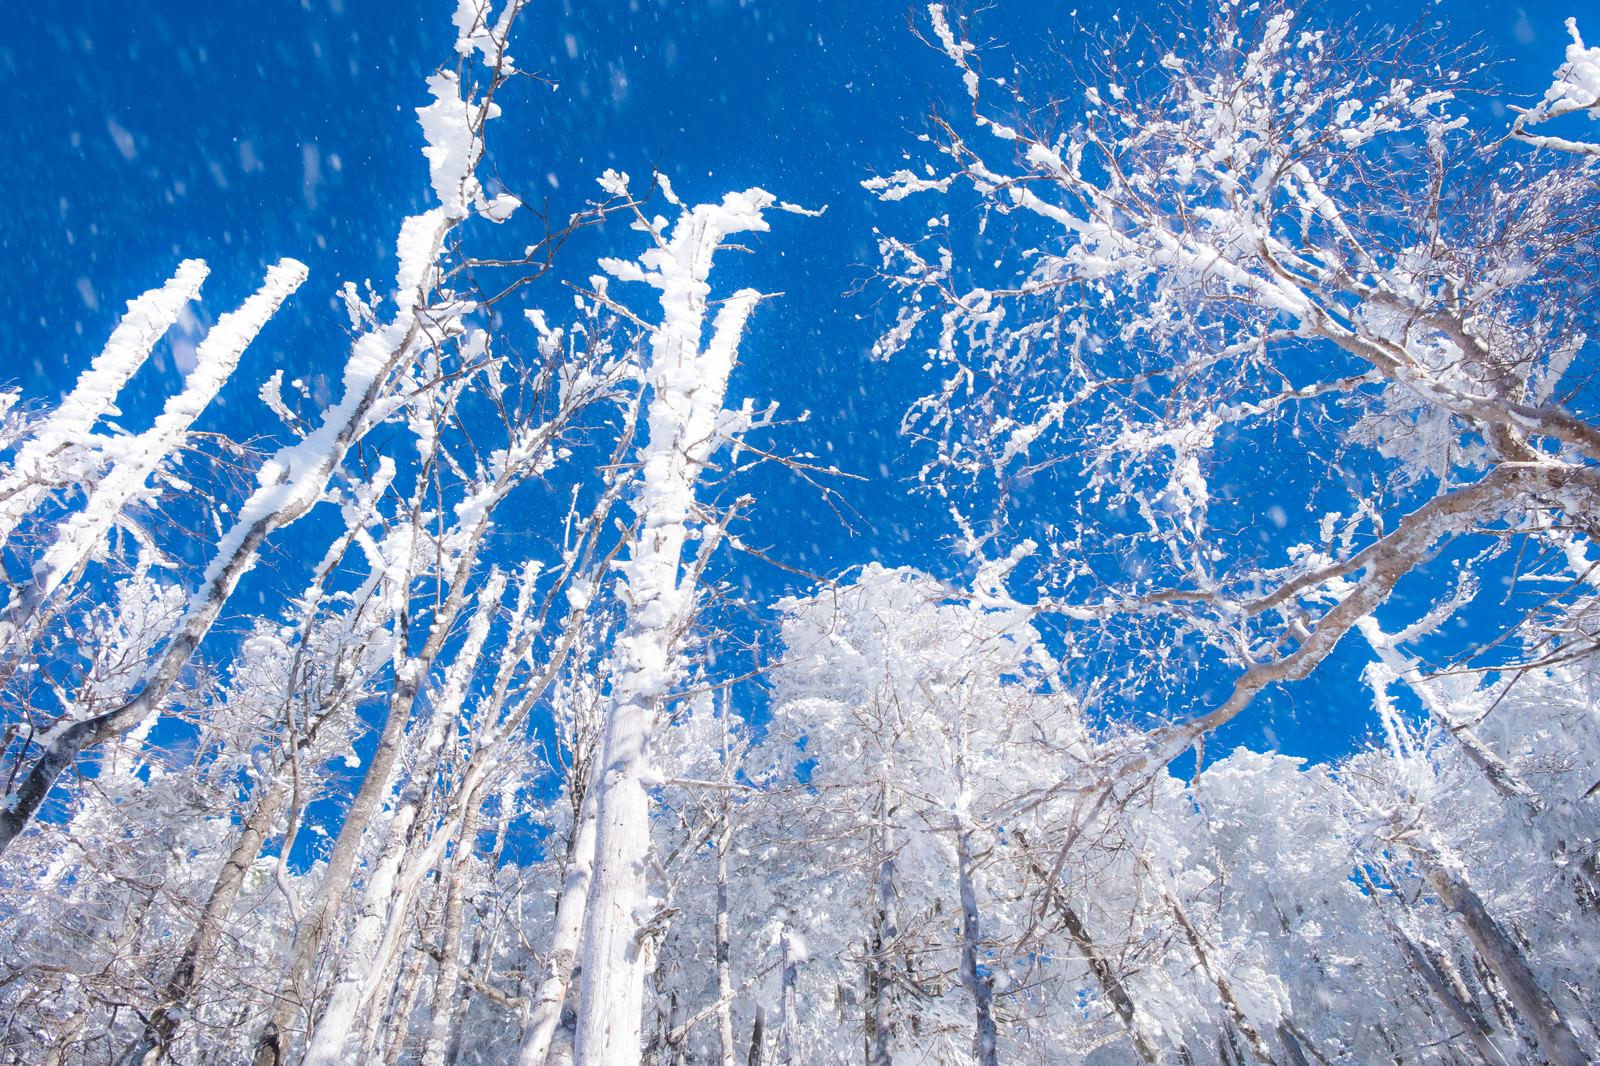 「八ヶ岳ブルーに舞い上がる霧氷の雪八ヶ岳ブルーに舞い上がる霧氷の雪」のフリー写真素材を拡大